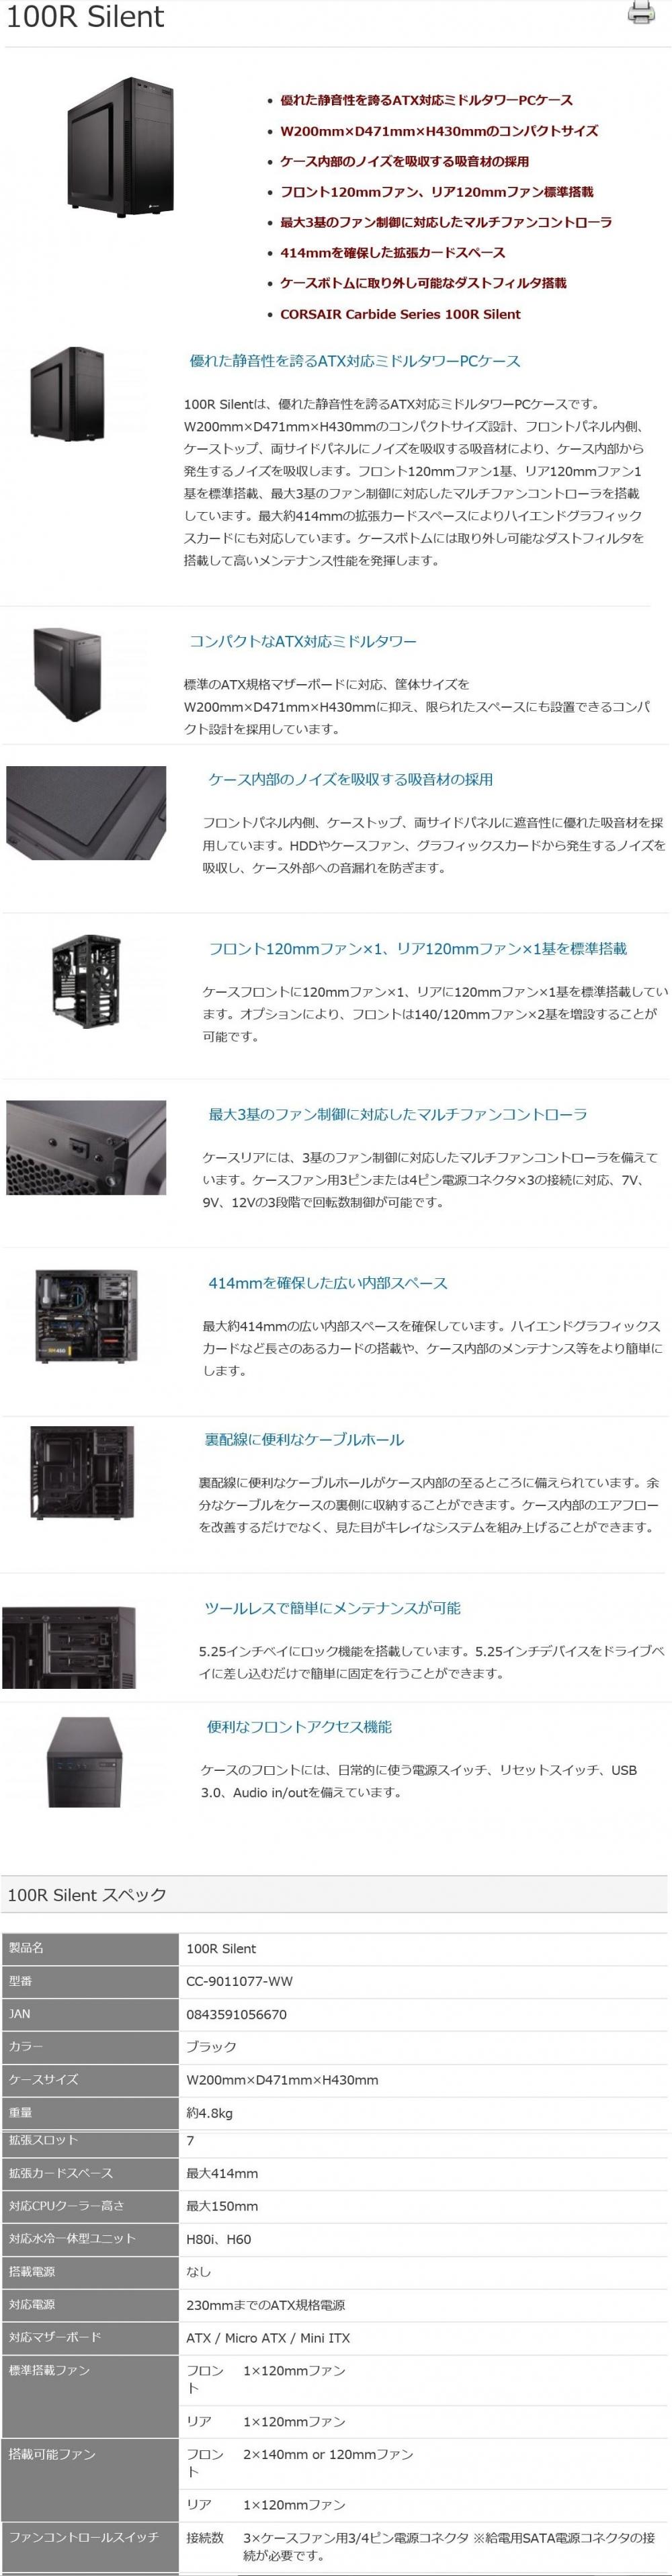 Photo_20200229154401